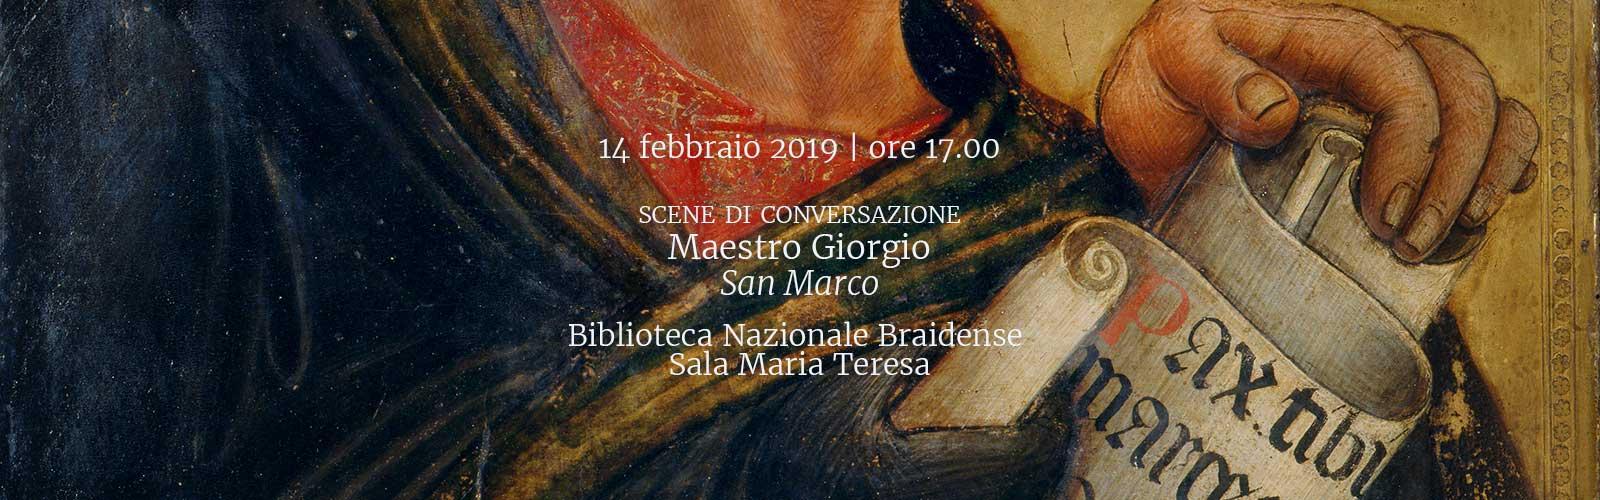 Maestro Giorgio, <em>San Marco</em>